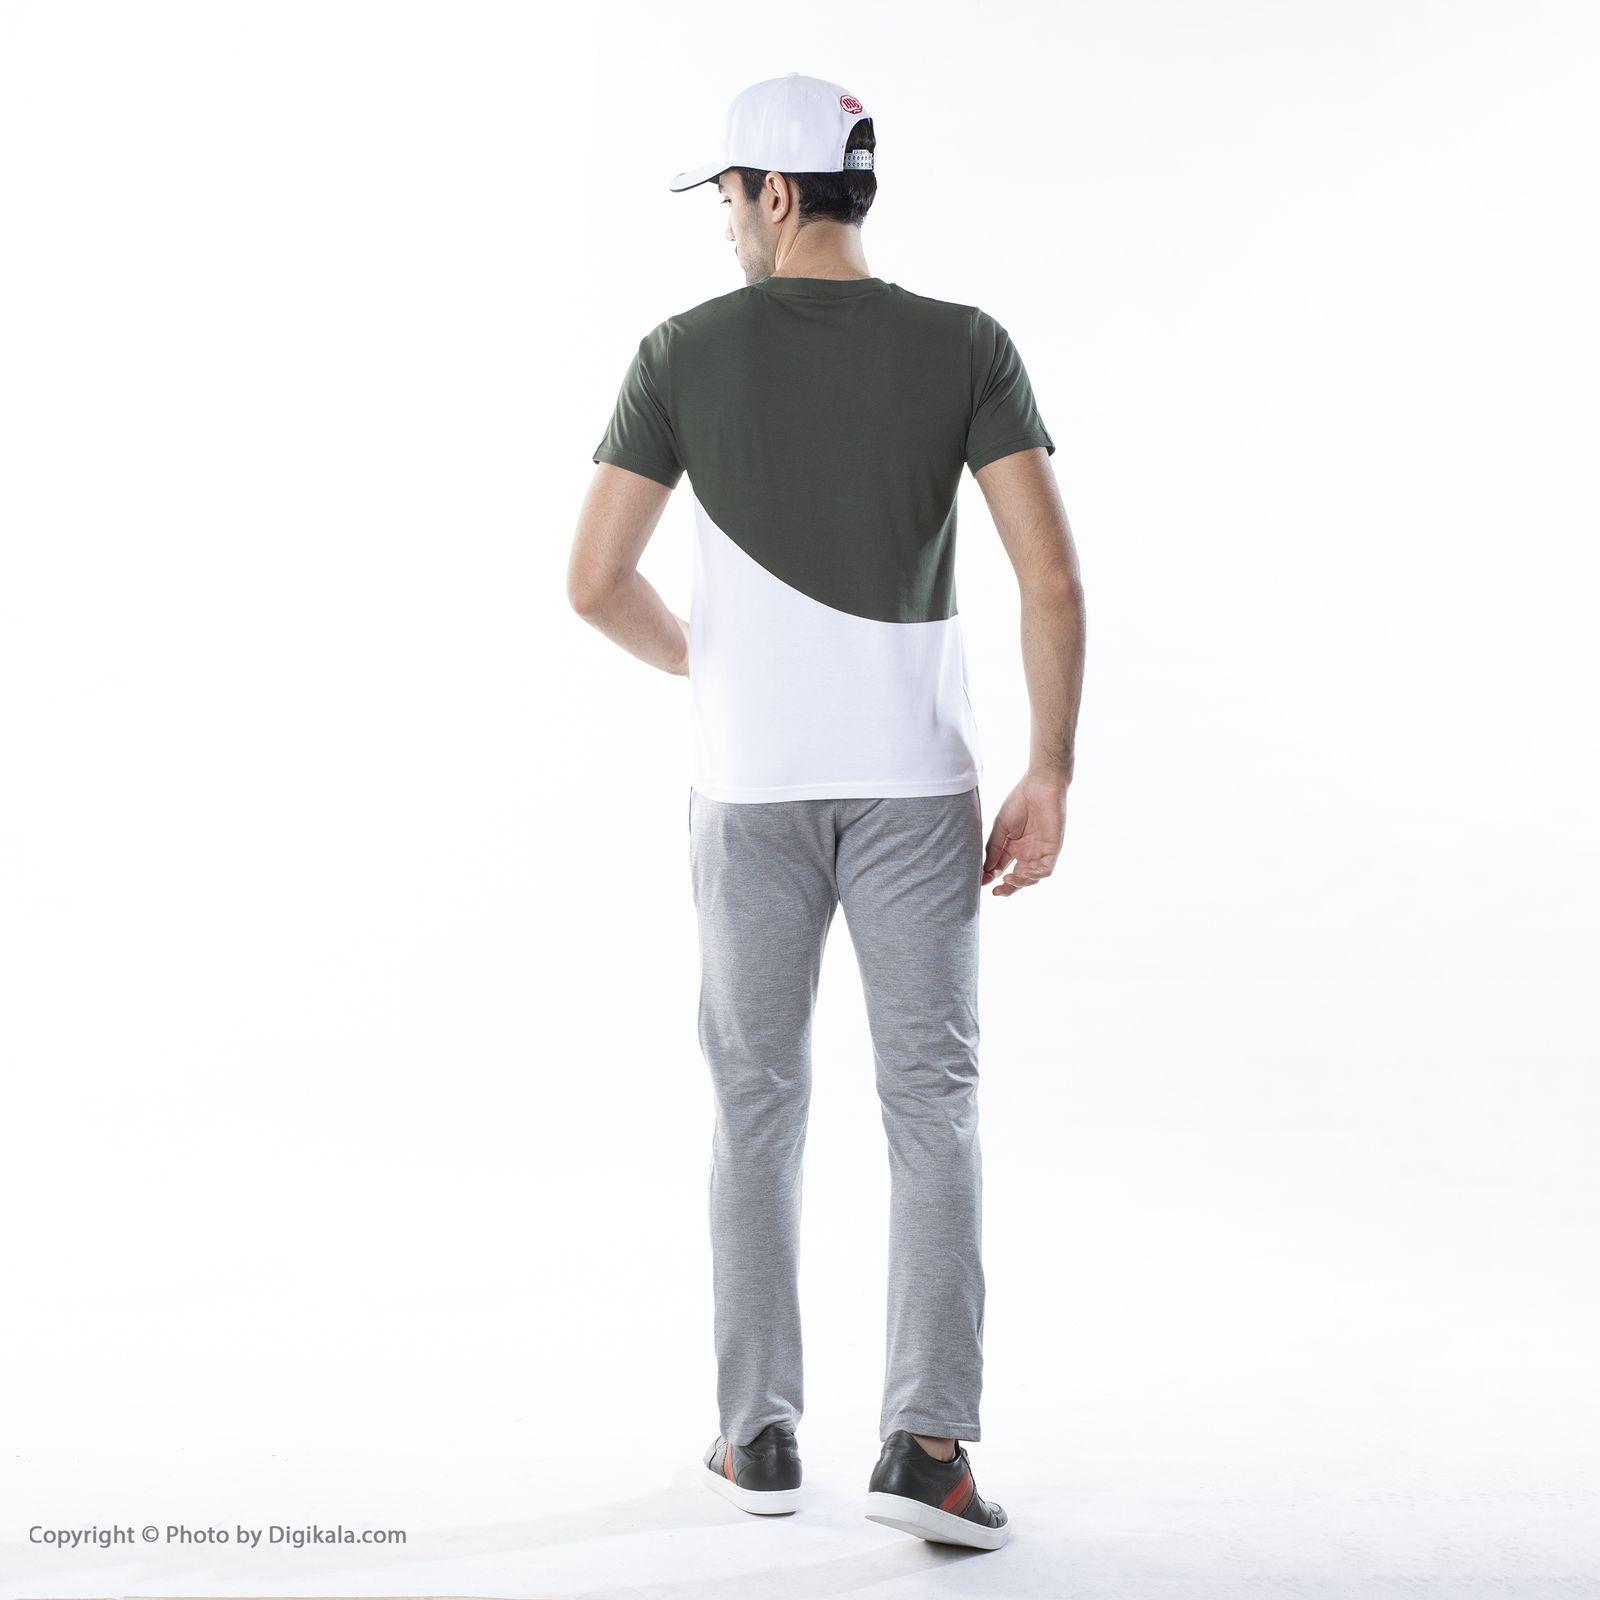 تی شرت ورزشی مردانه بی فور ران مدل 210314-4301 -  - 4